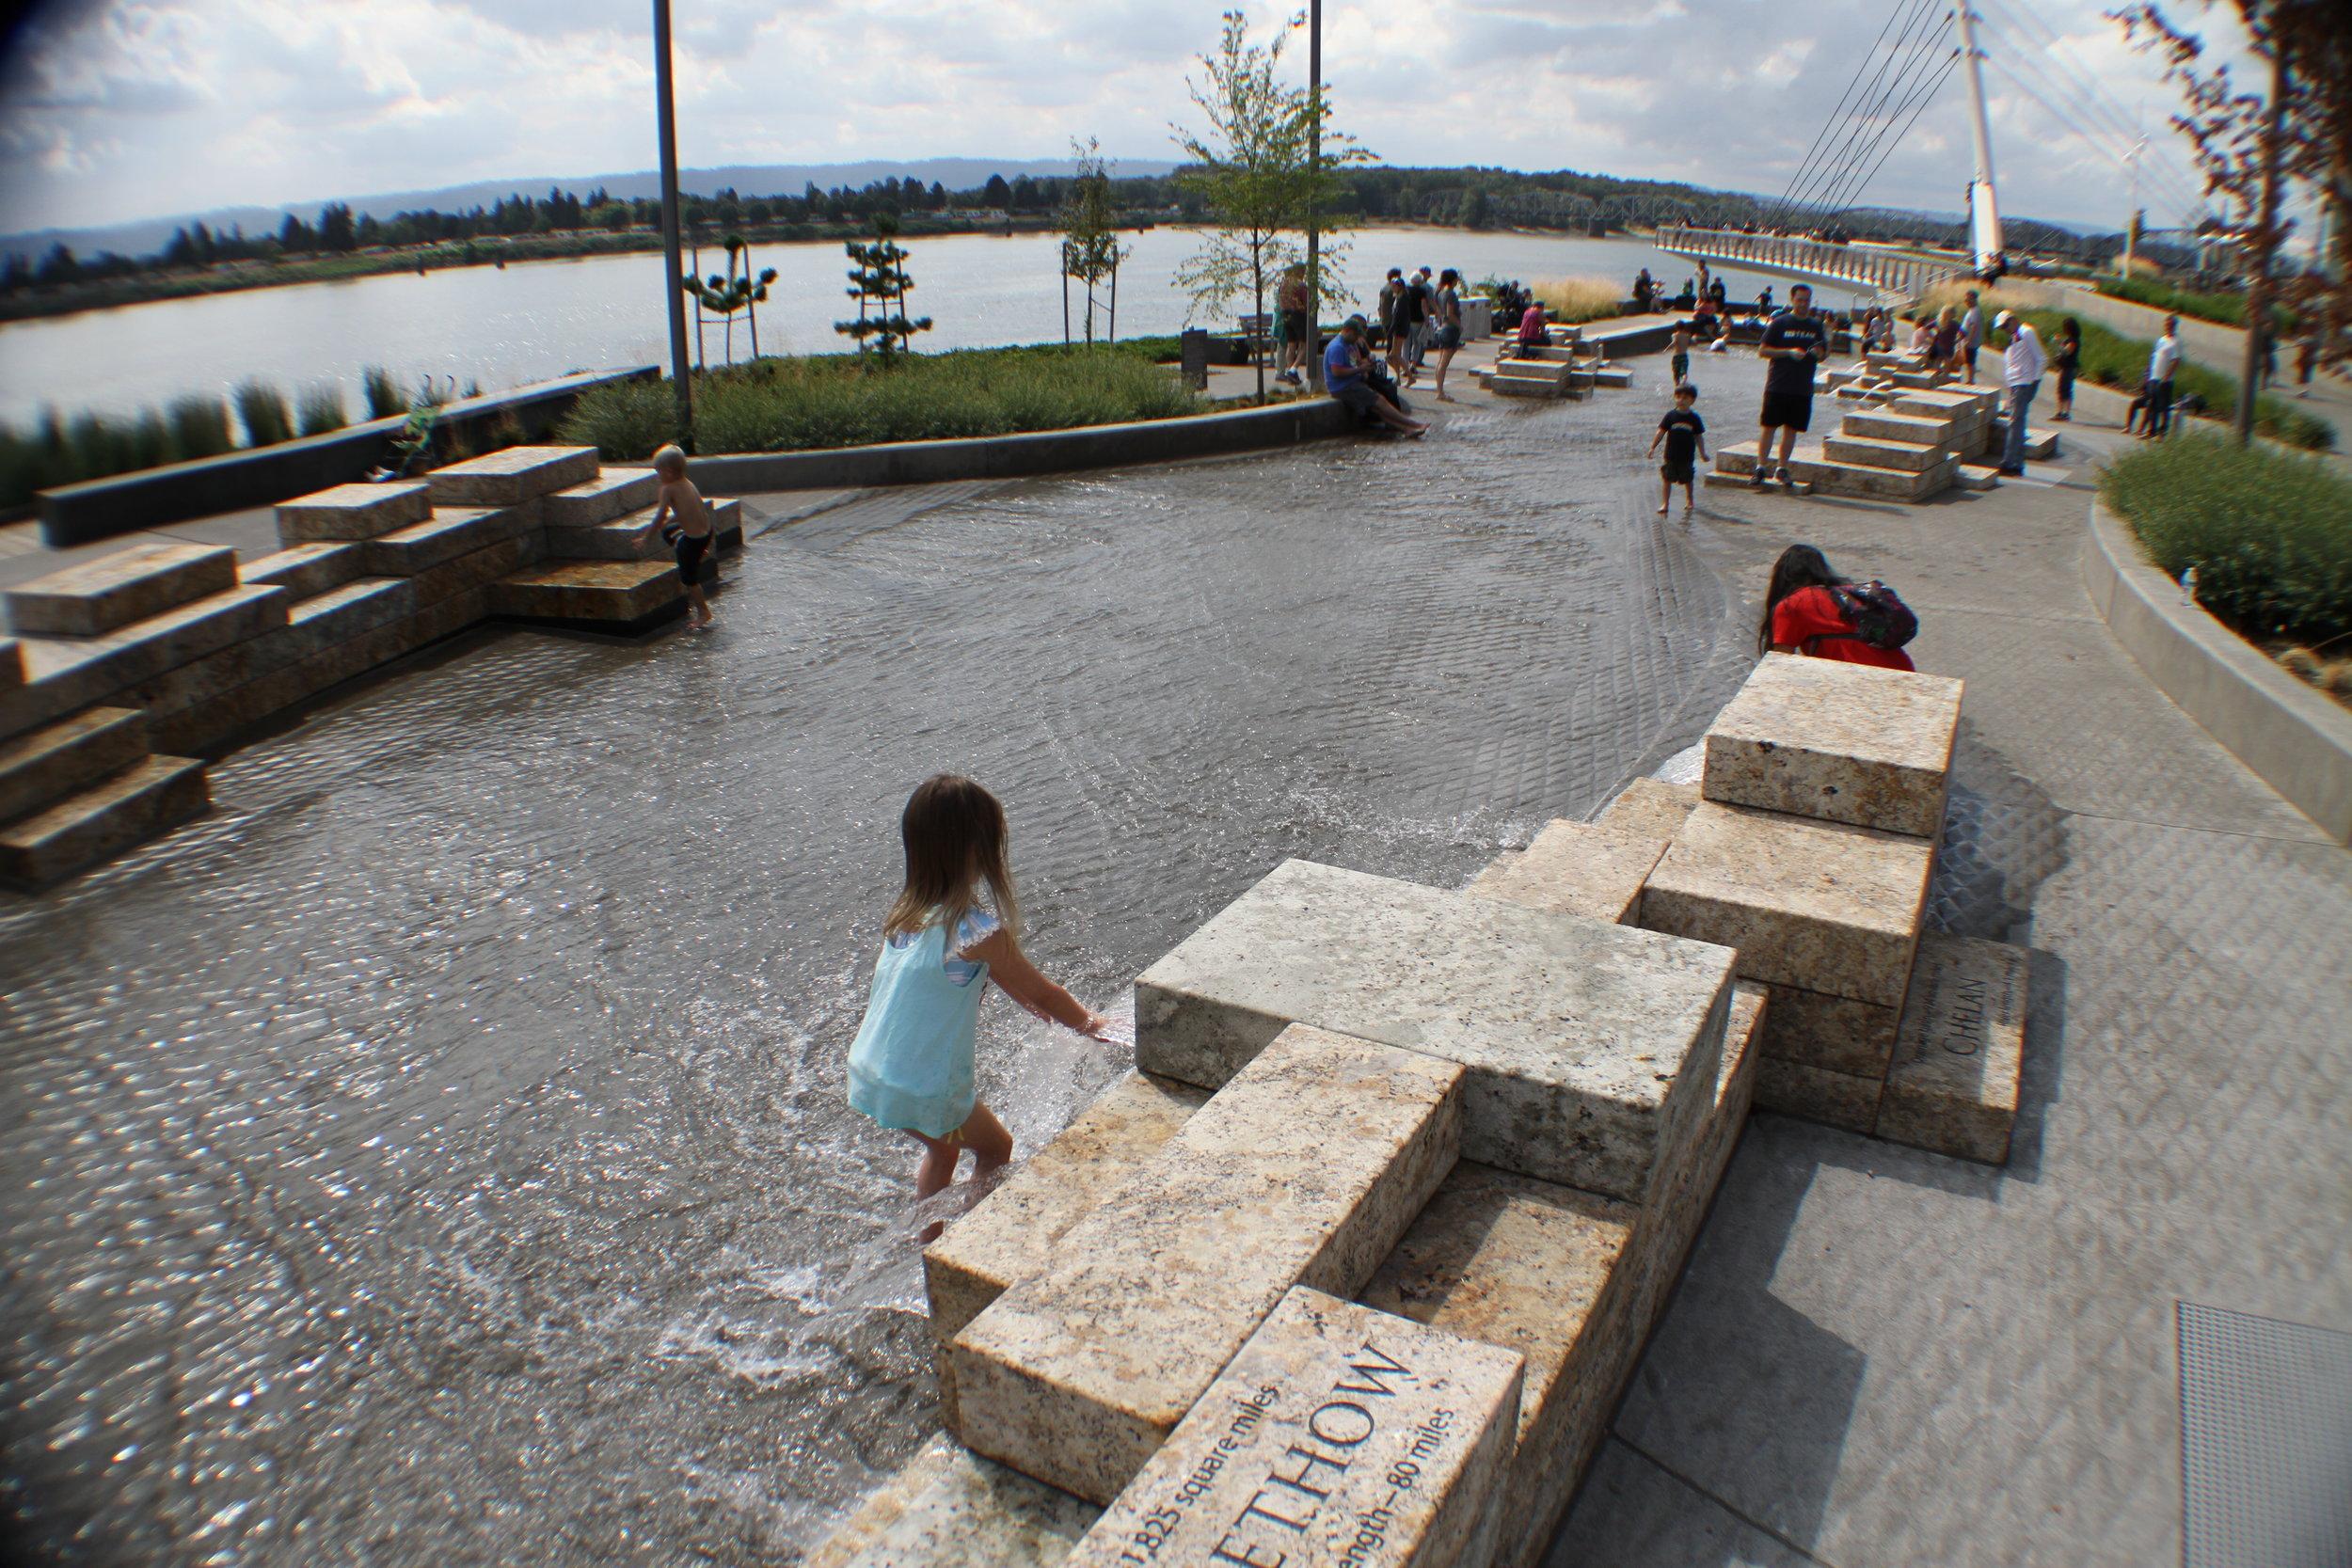 vancouver_waterfront park fountain_larry kirkland_public art services_j grant projects_31.JPG